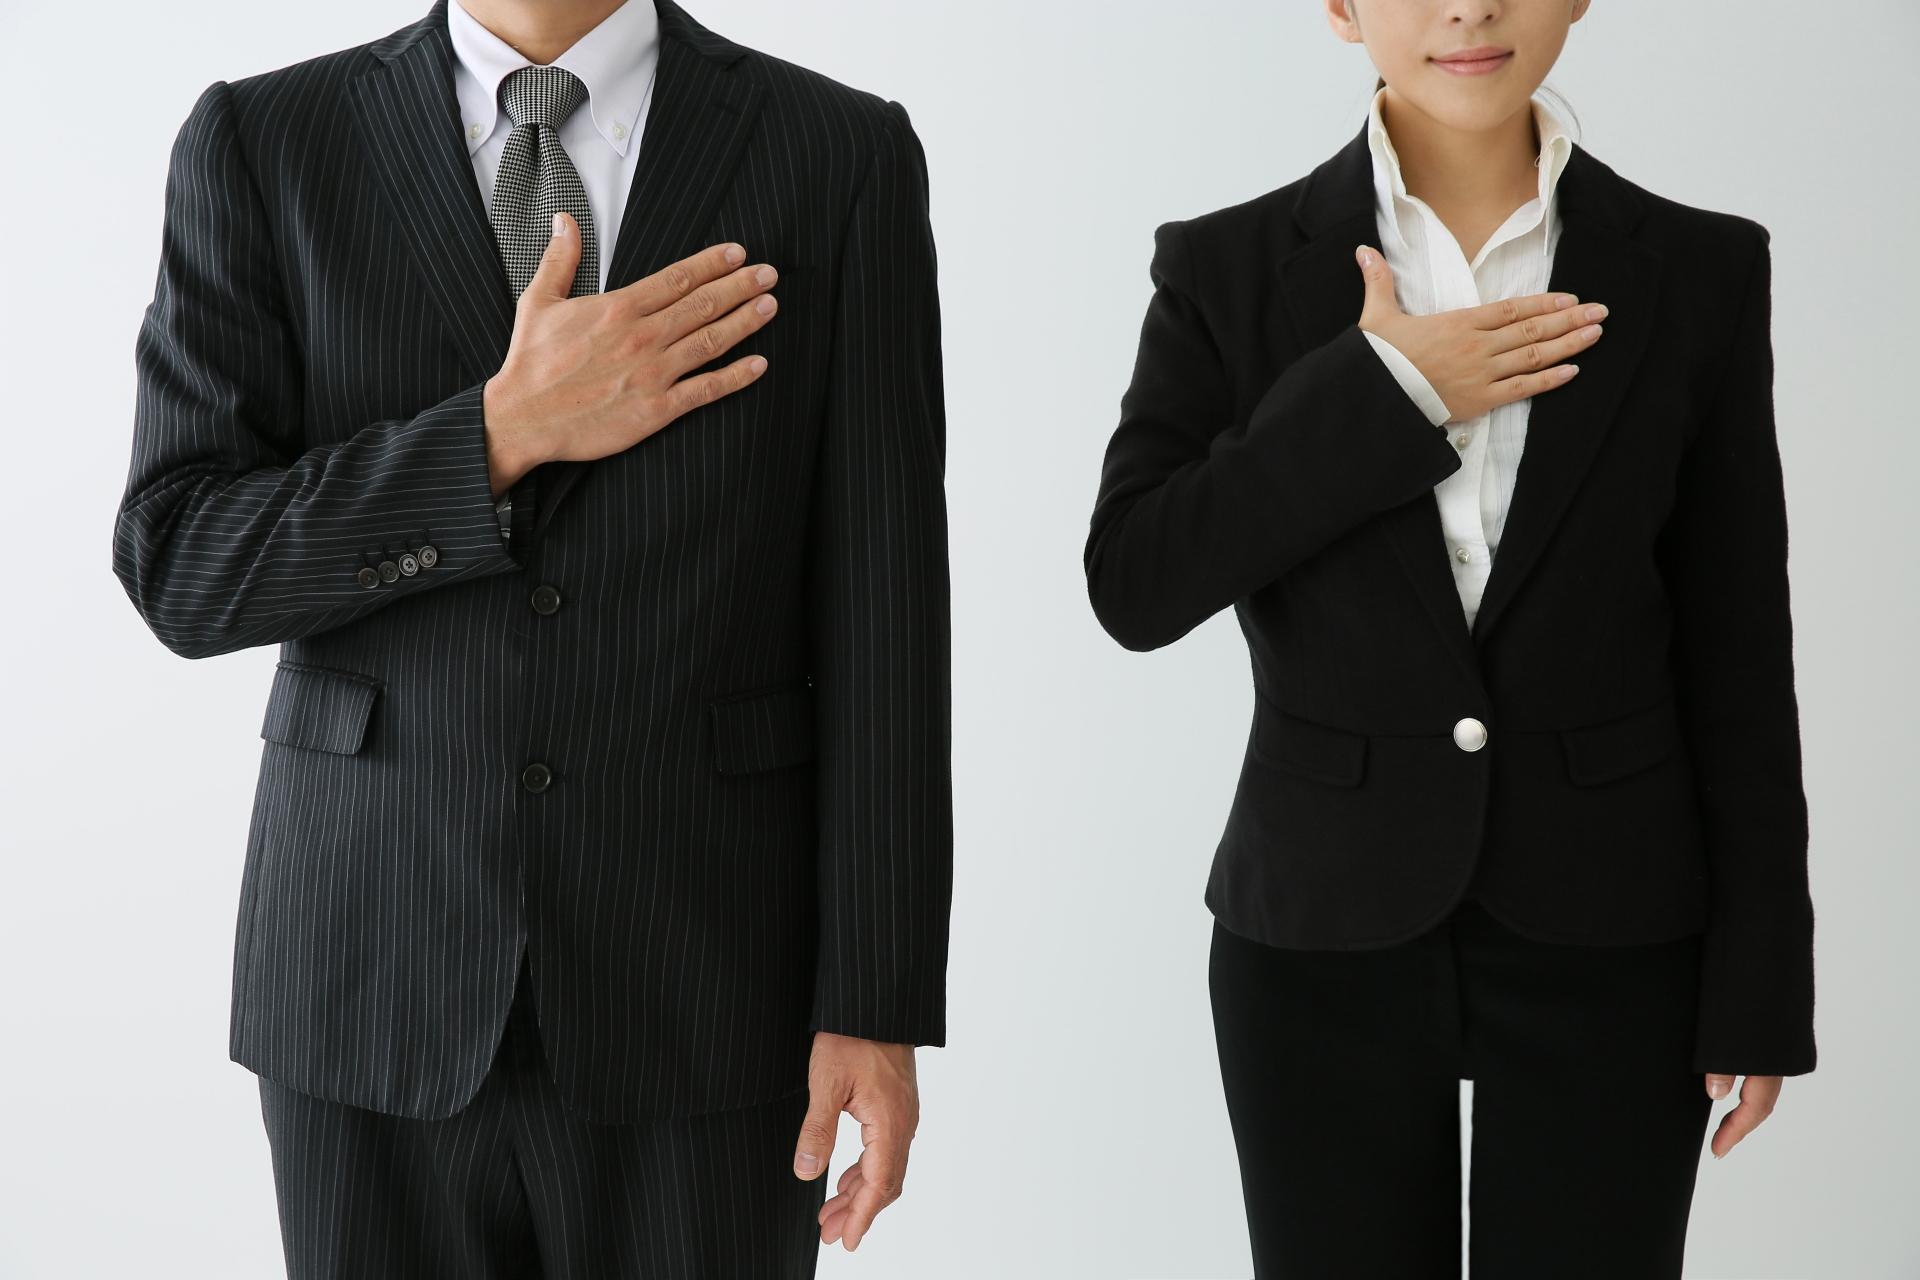 三重県探偵ブログ 探偵の姿教えます!